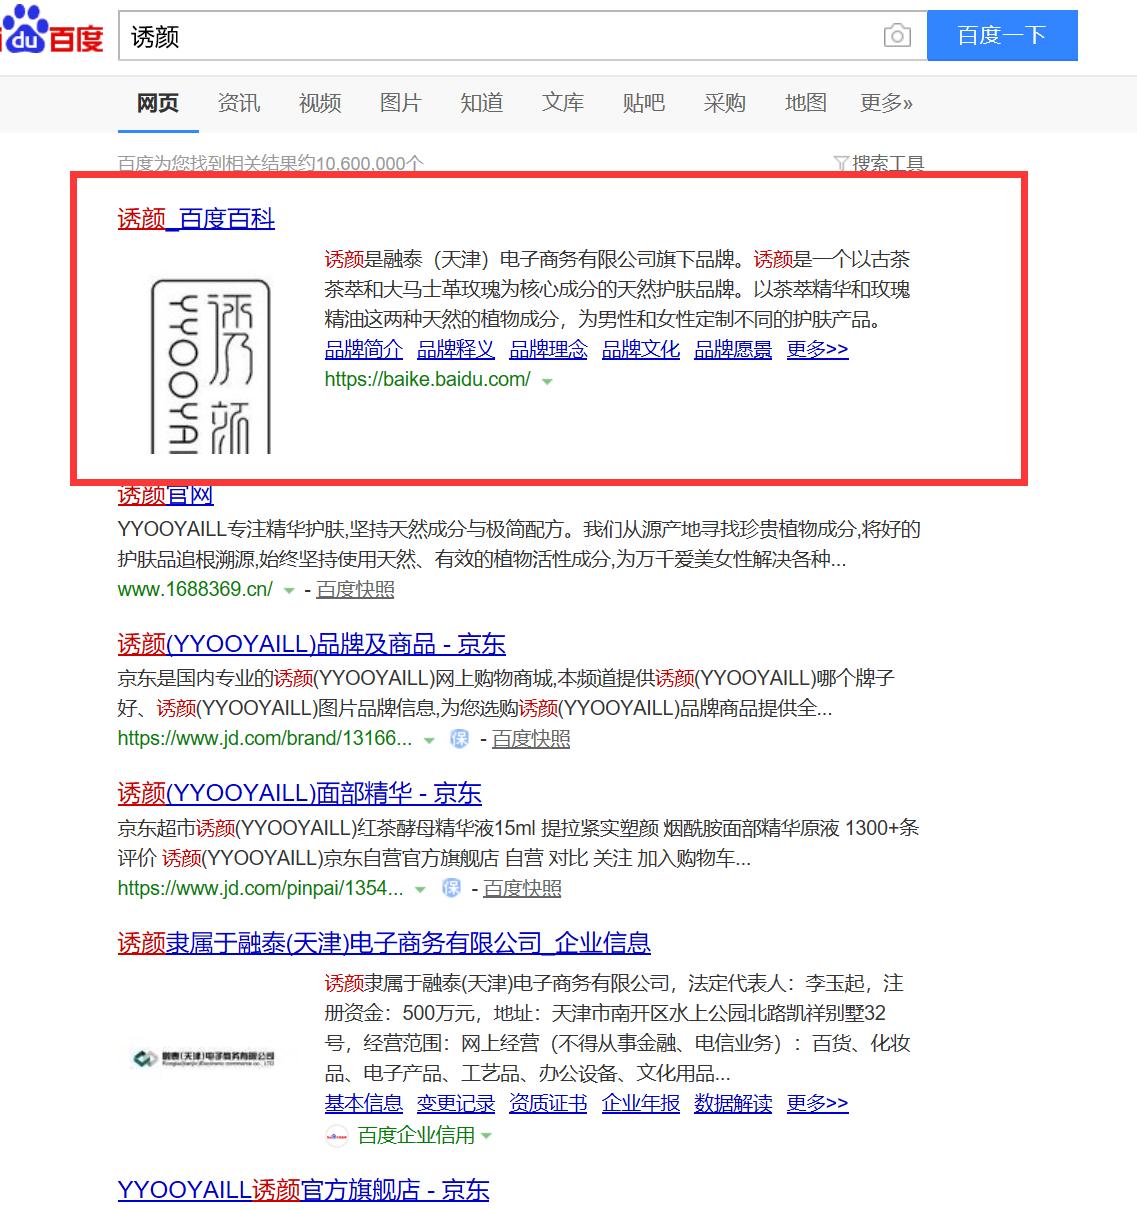 门户网站营销推广分类信息58B2B百度发布整合营销知道全案